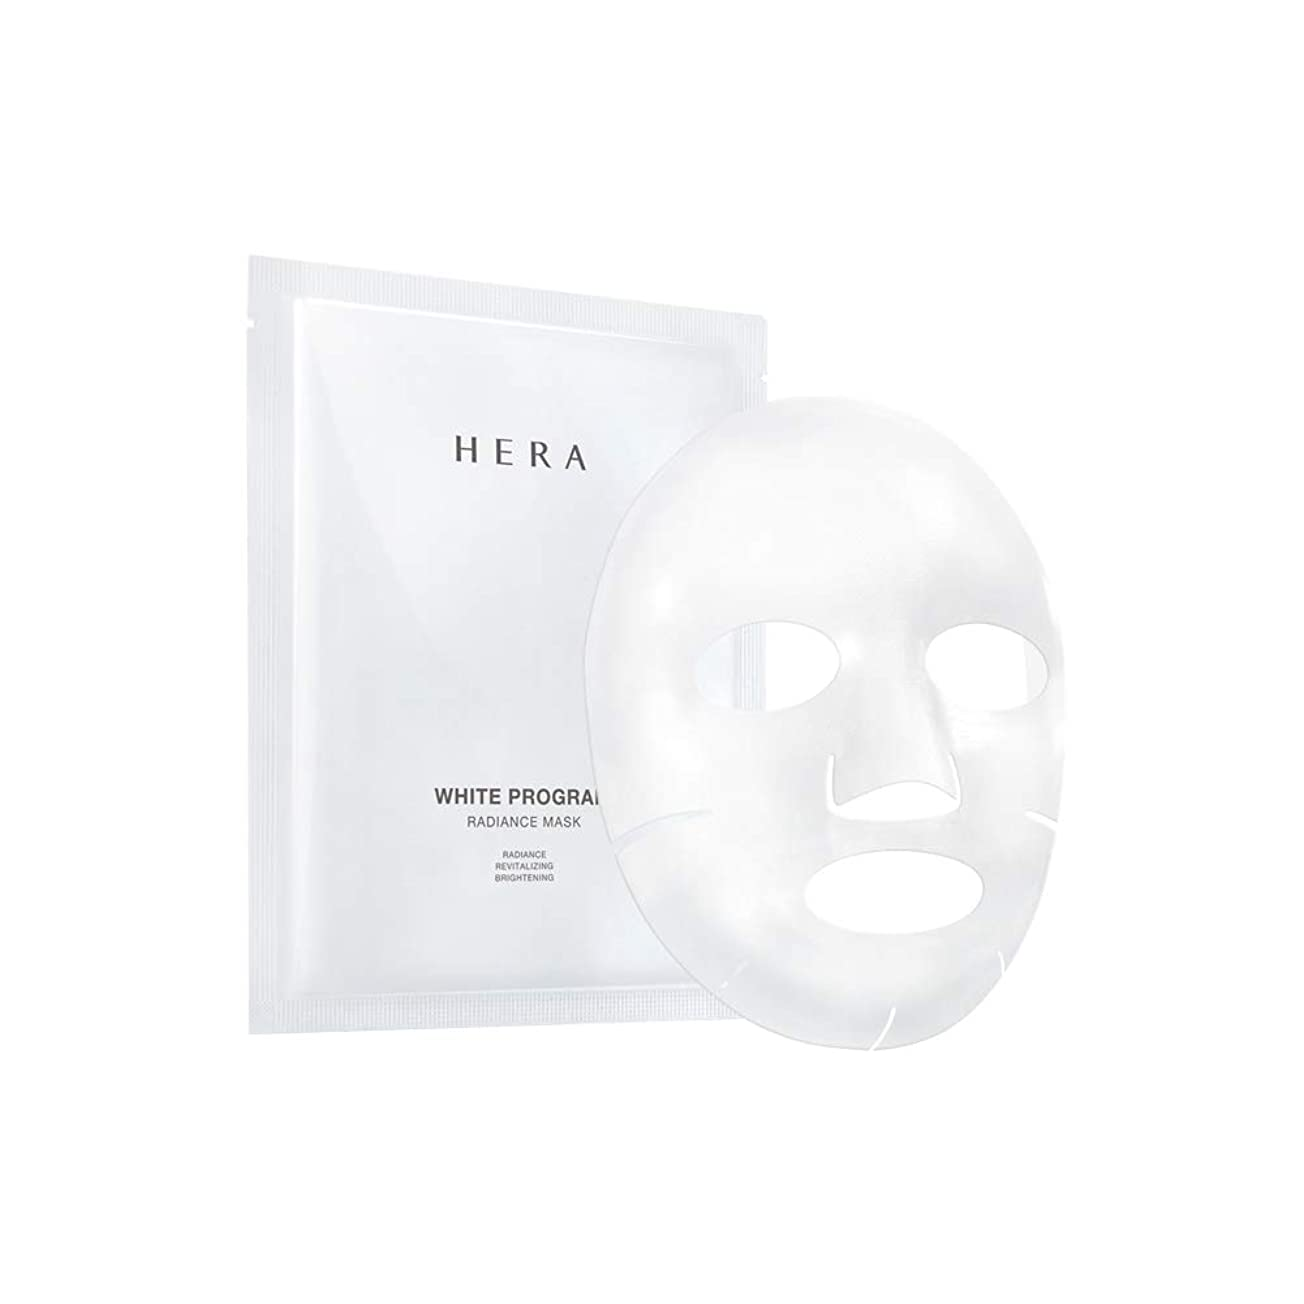 スキム剪断作者【HERA公式】ヘラ ホワイト プログラム ラディアンス マスク 6枚入り/HERA White Program Radiance Mask 6Sheets